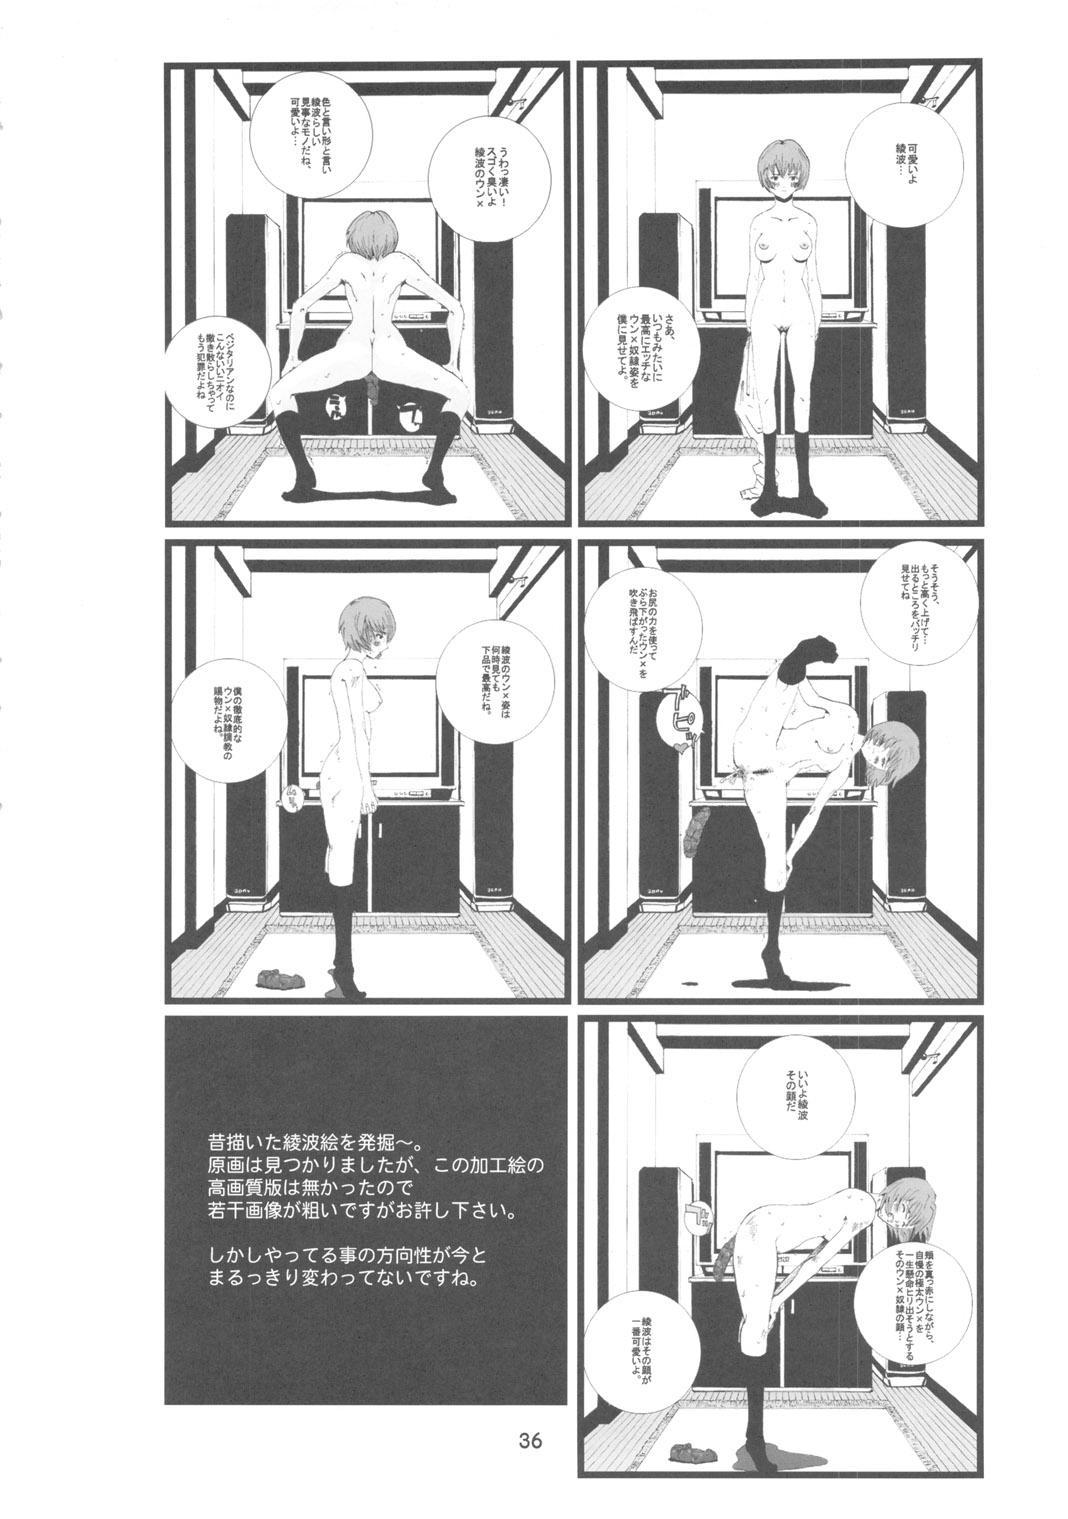 Ayanami 34